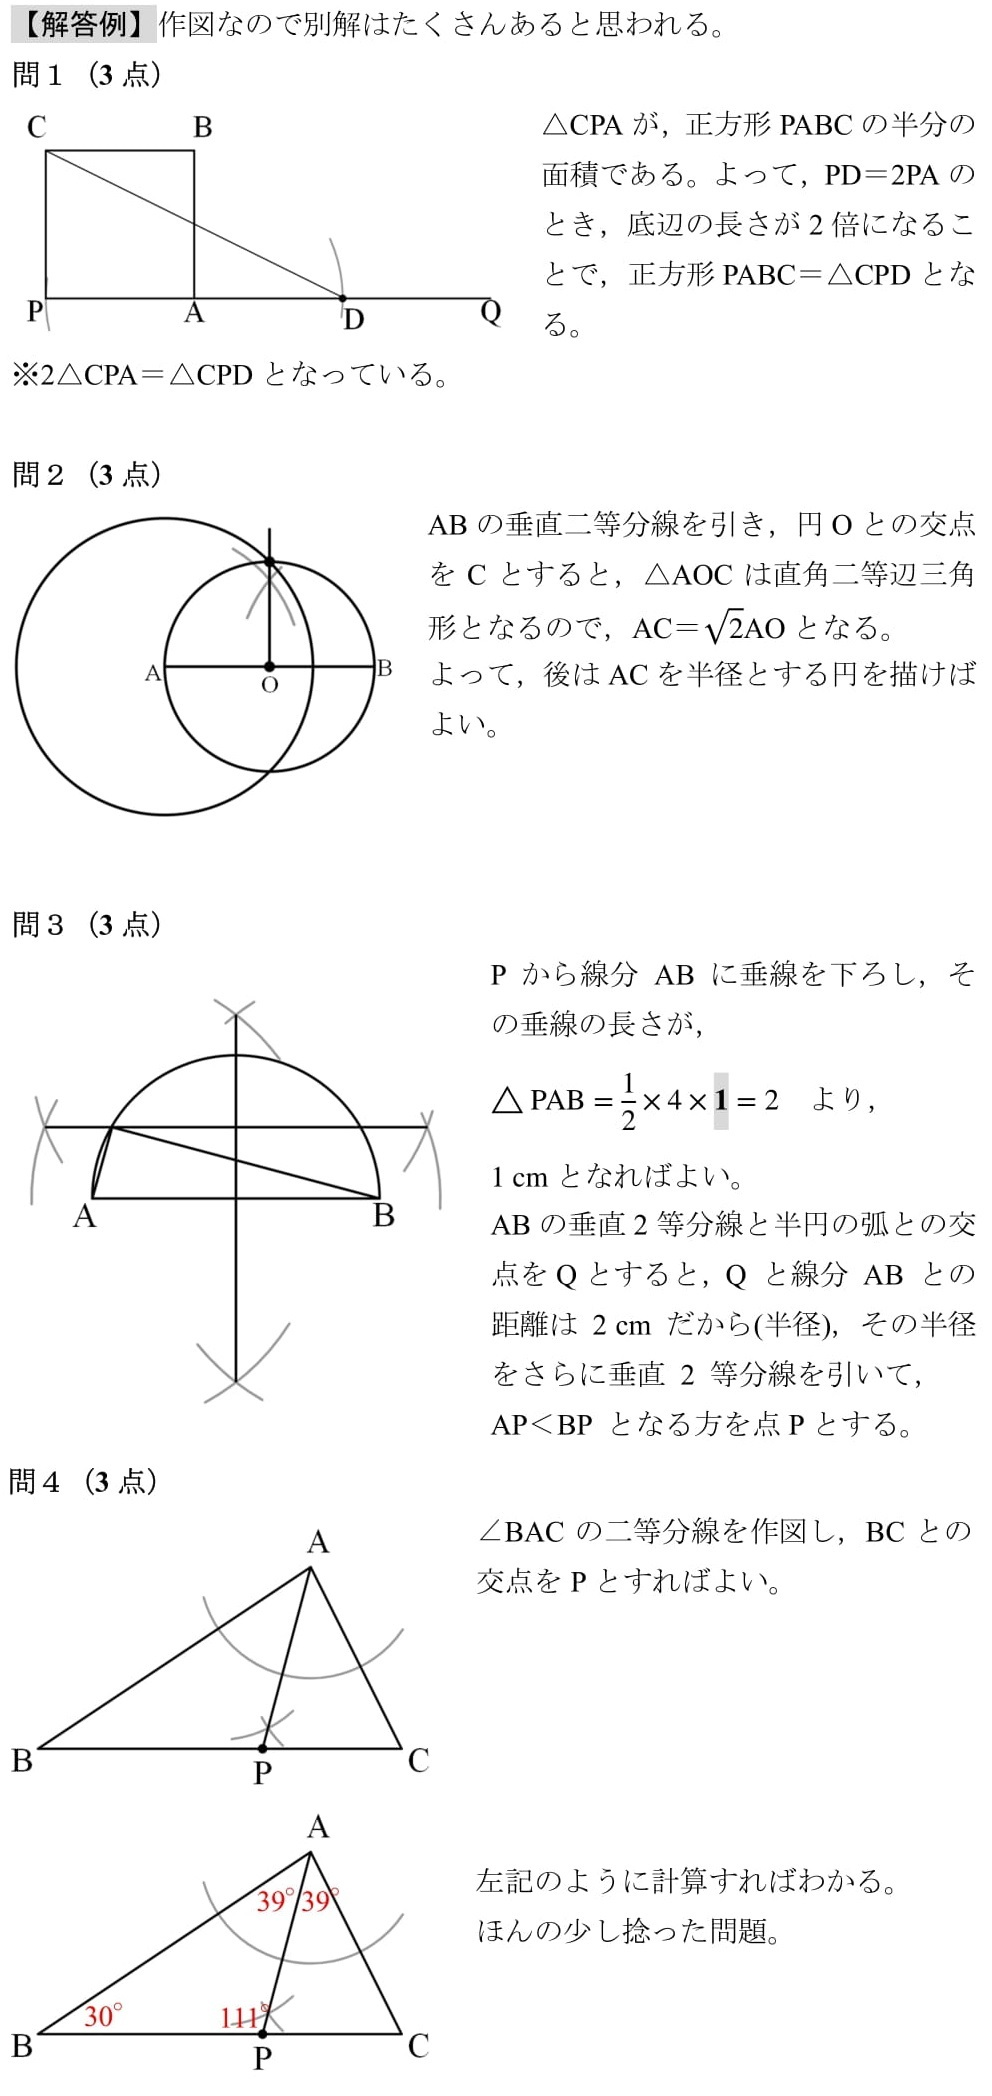 北海道 作図 平面図形 練習問題 解答 解説